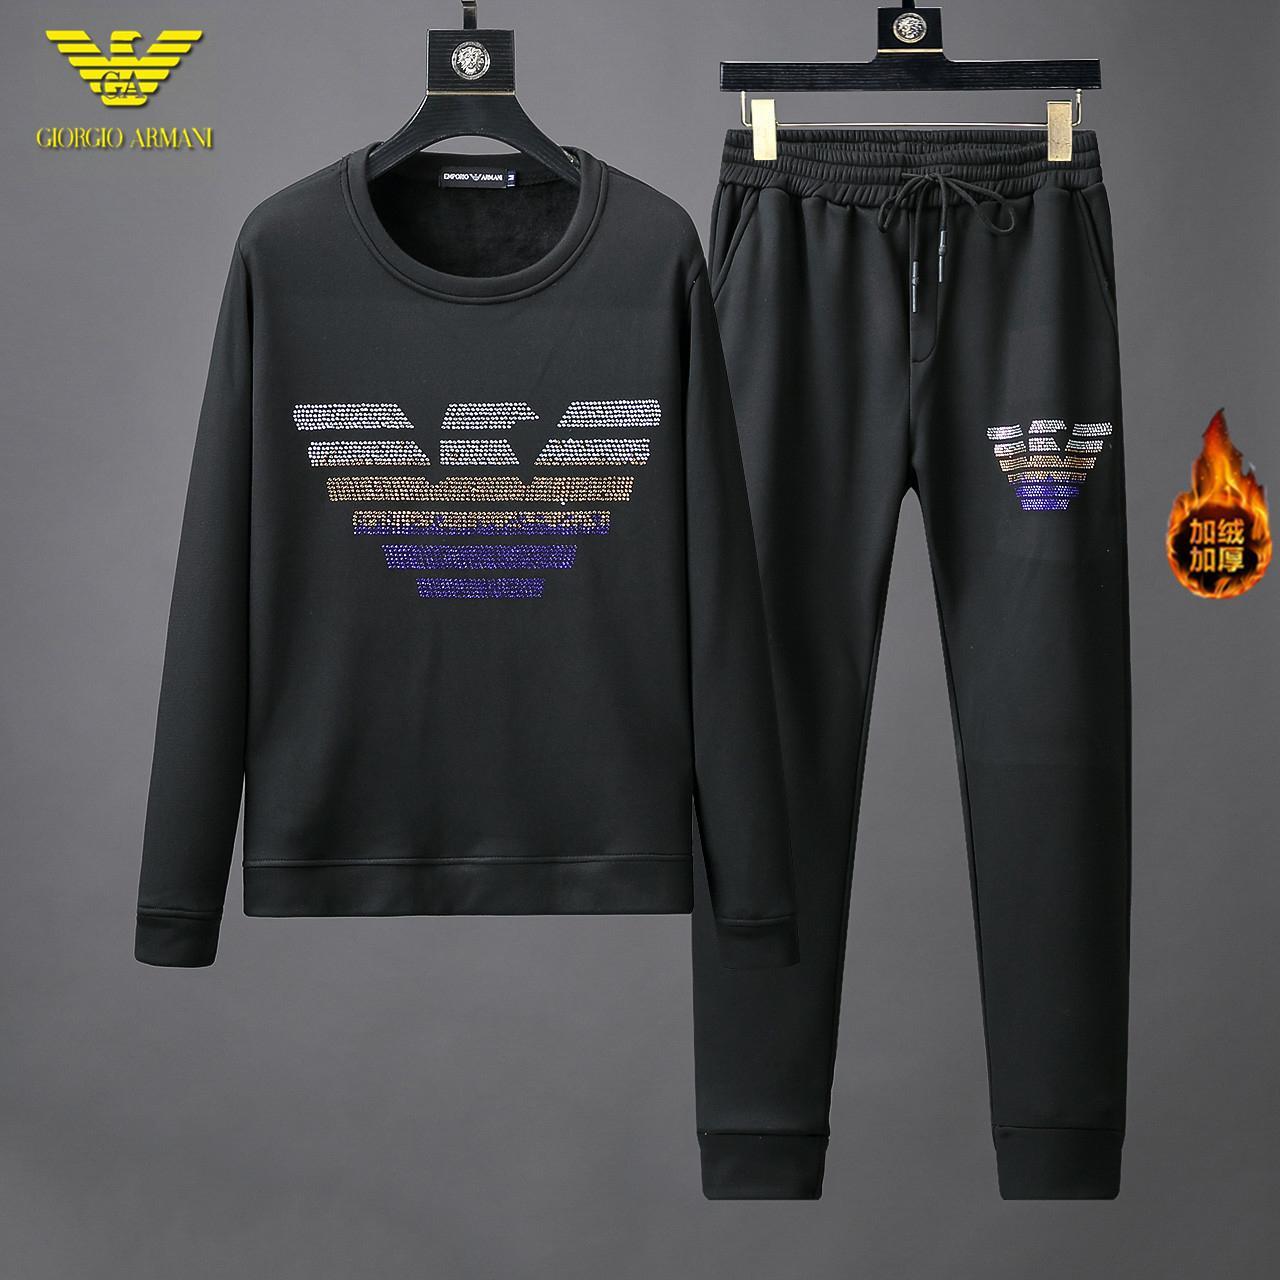 Preferito 20ss nuovo arrivo della molla della tuta originale design uomini e le donne della tuta con cappuccio e pantaloni esterna qualità perfetta Sportswear